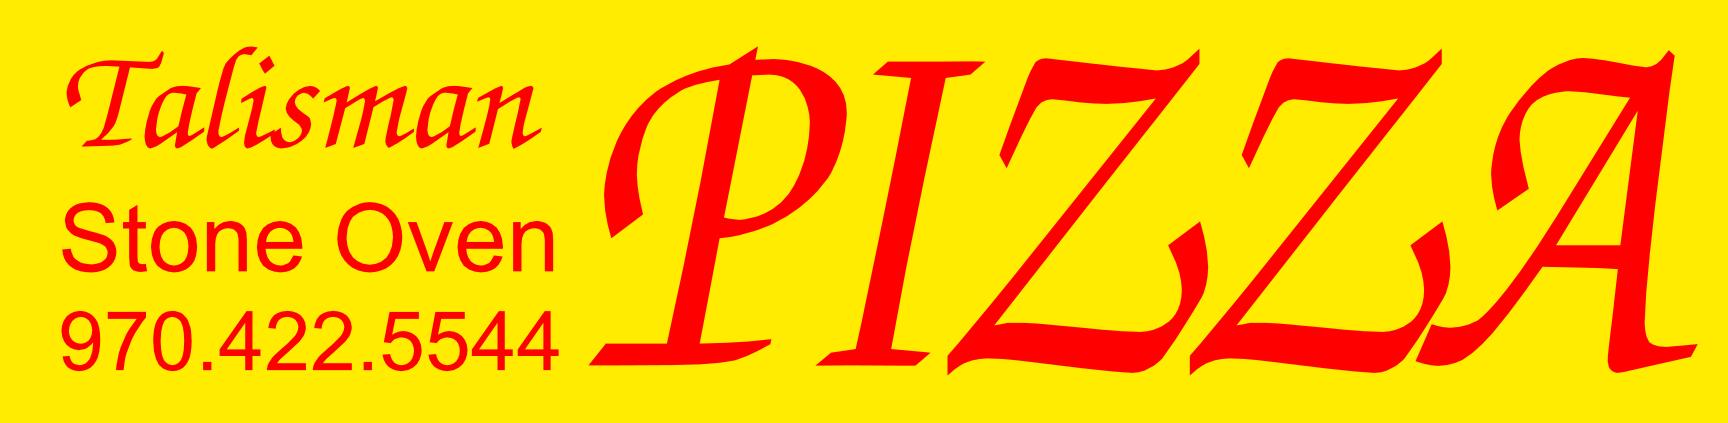 9704225544 logo signage